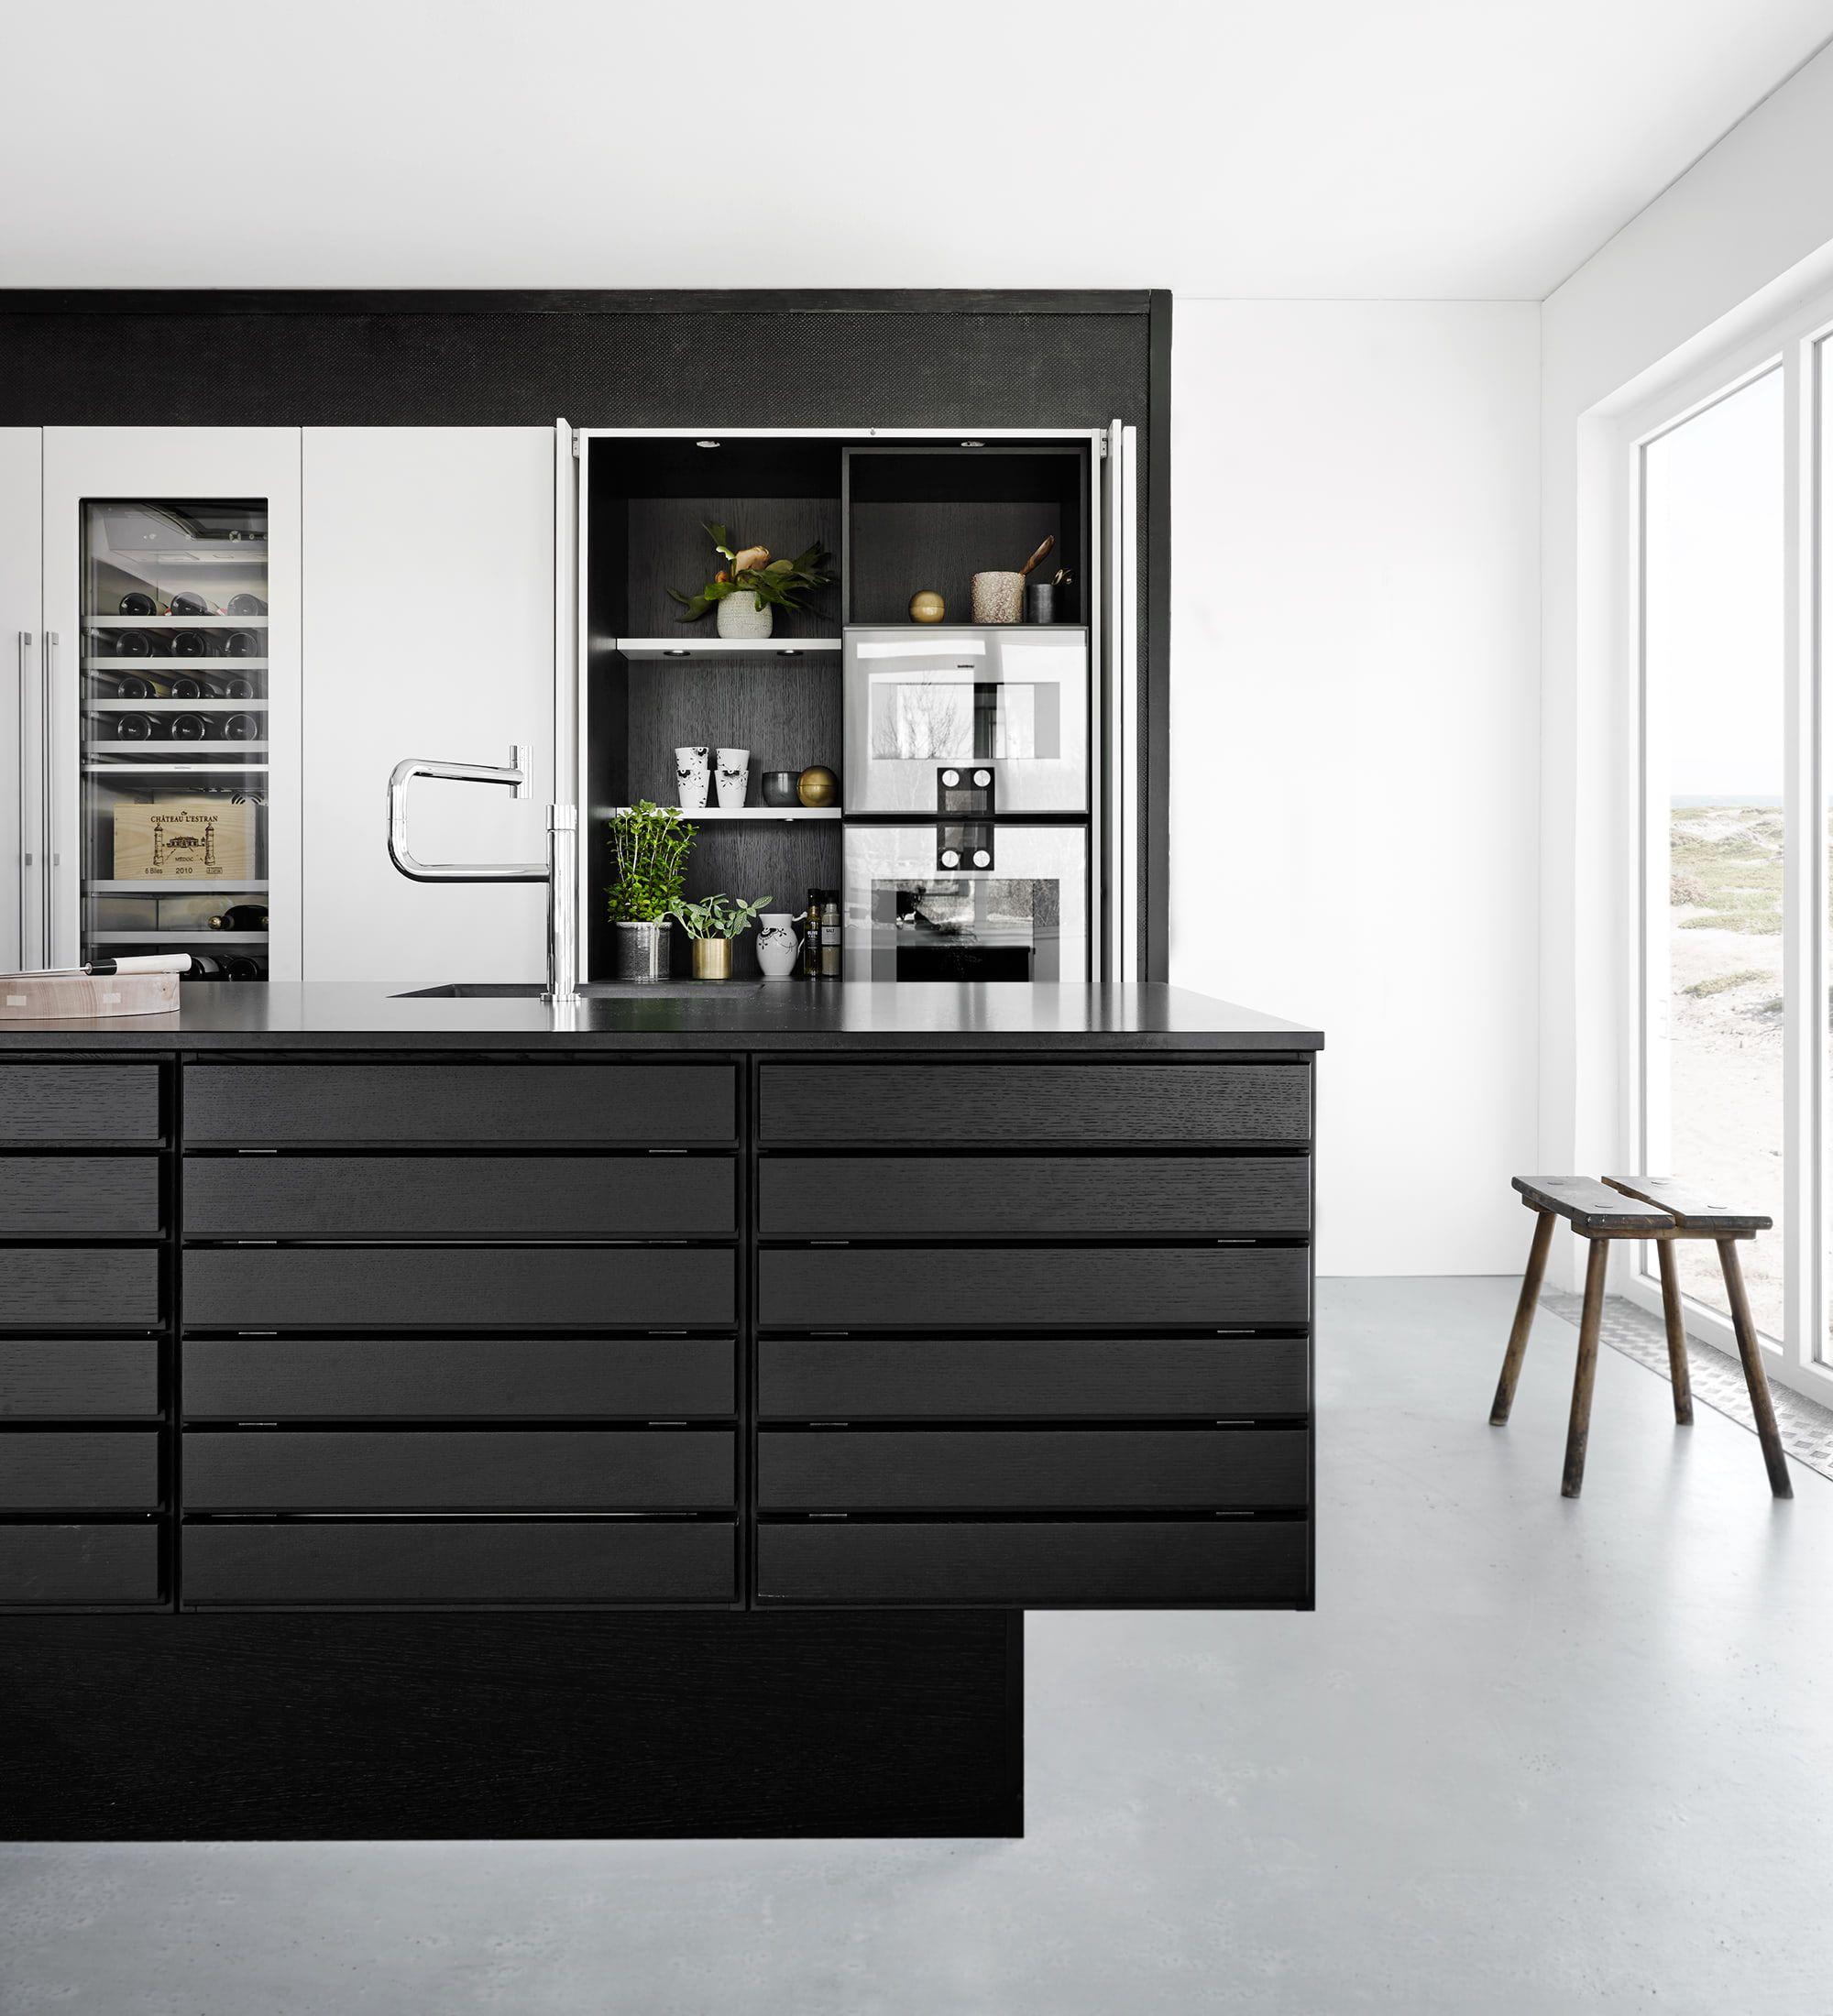 Insel, Kochinsel, Kücheninsel, Küche, Idee, Bild, Schwarz, Schwarze Küche